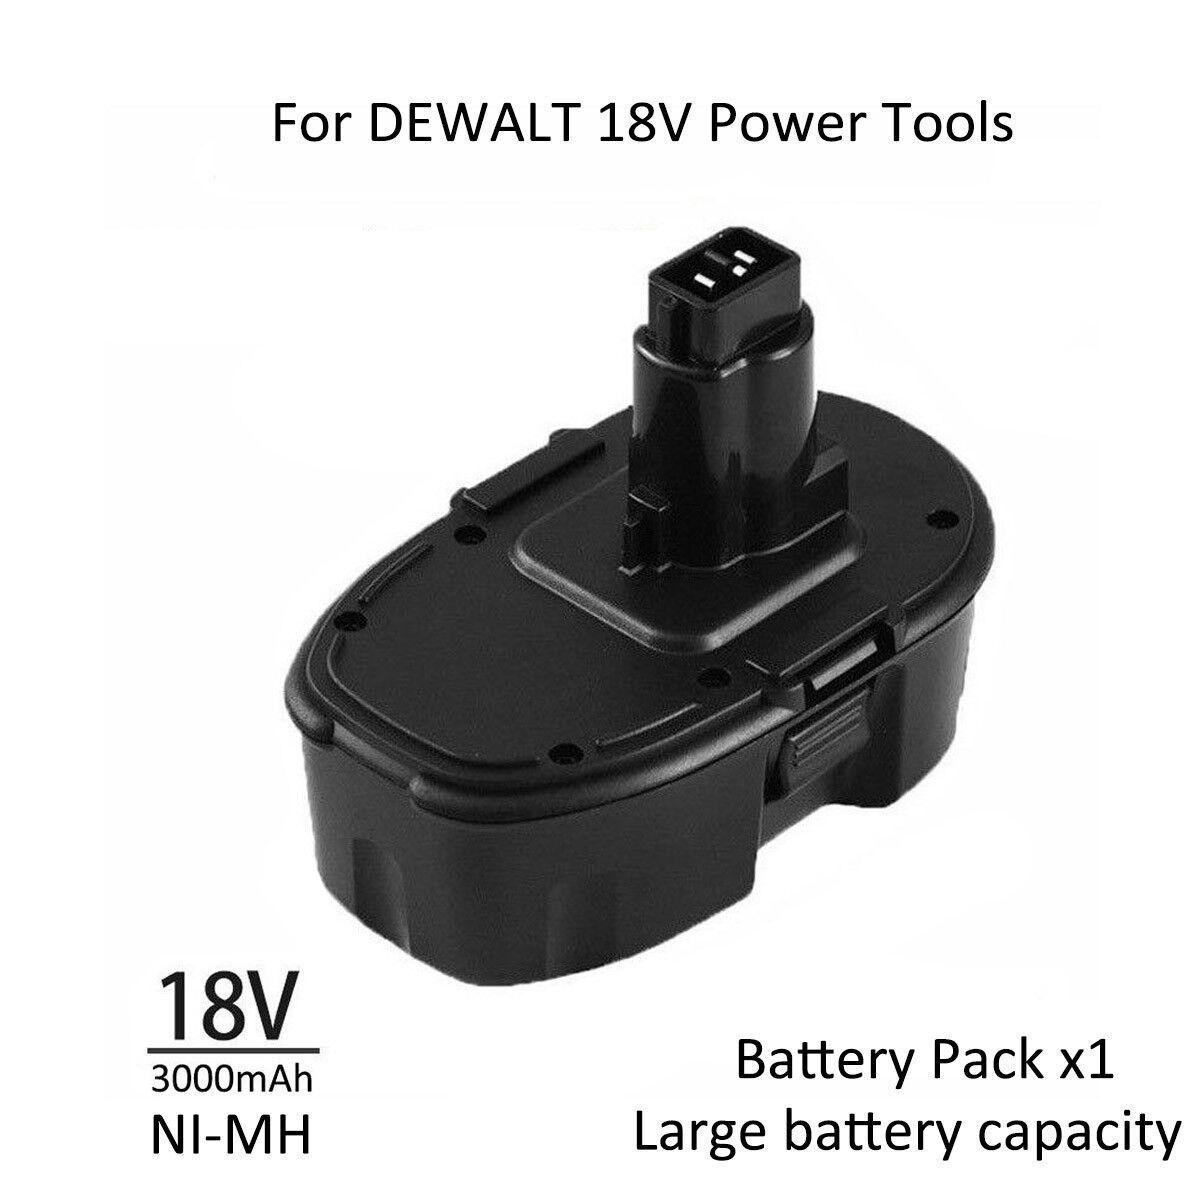 Ni-MH 3.0Ah Battery For DEWALT 18V Power Tools DC9096-2 DW9095 DE9095 DC9099 US